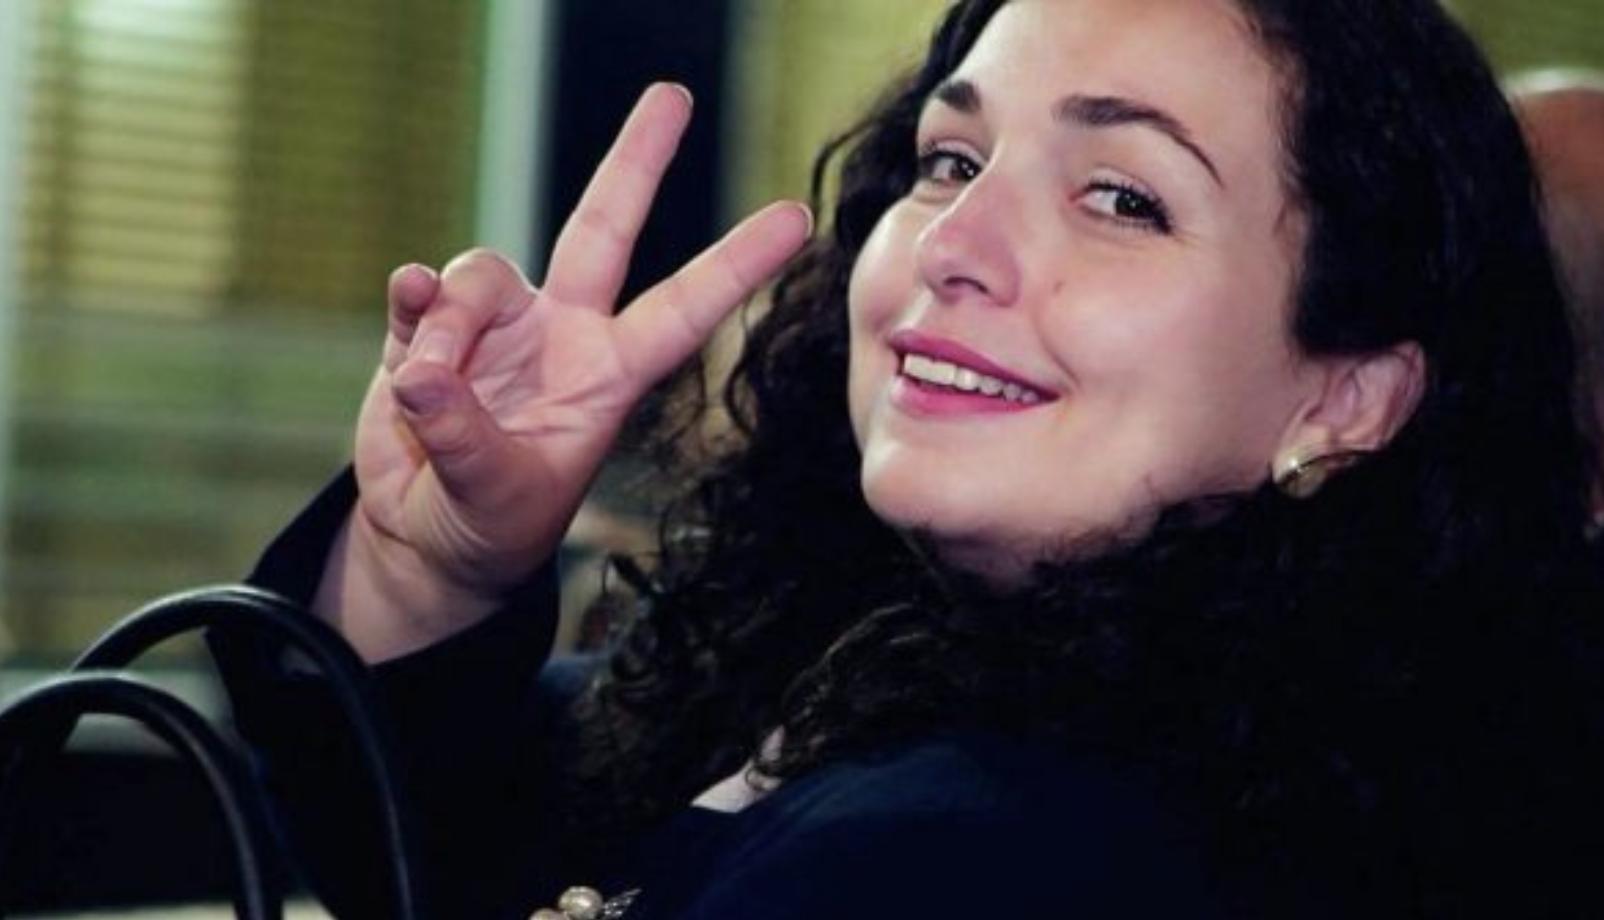 Kosovo: Vjosa Osmani elected new President in third round